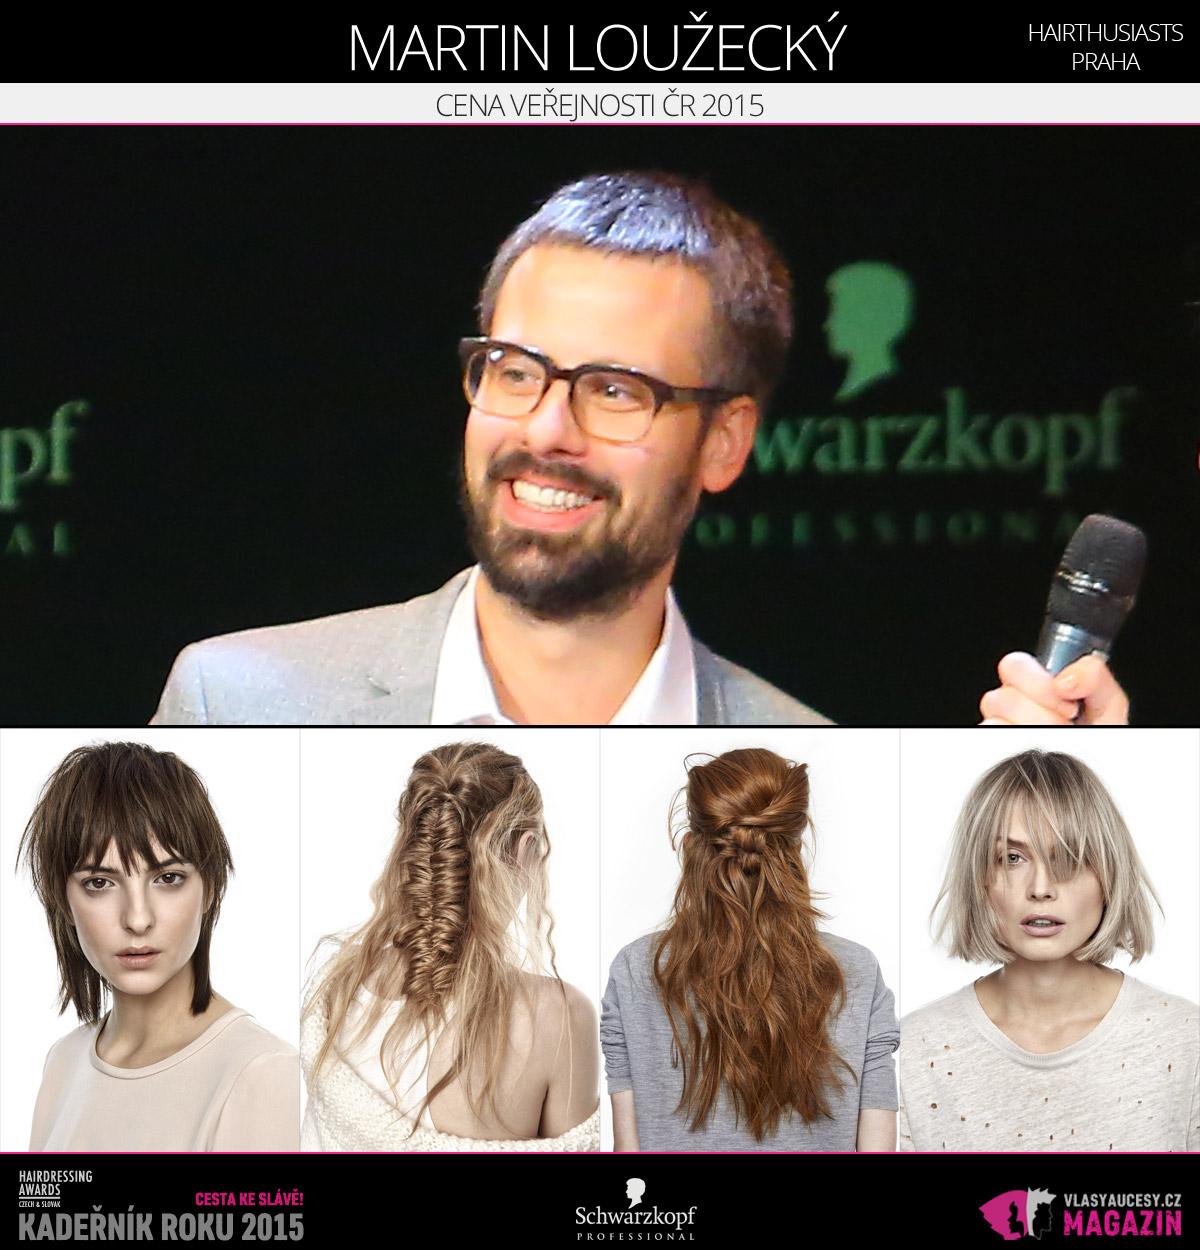 Vítězem v kategorii Cena veřejnosti ČR Czech and Slovak Hairdressing Awards 2015 je Martin Loužecký z Hairthusiasts v Praze.